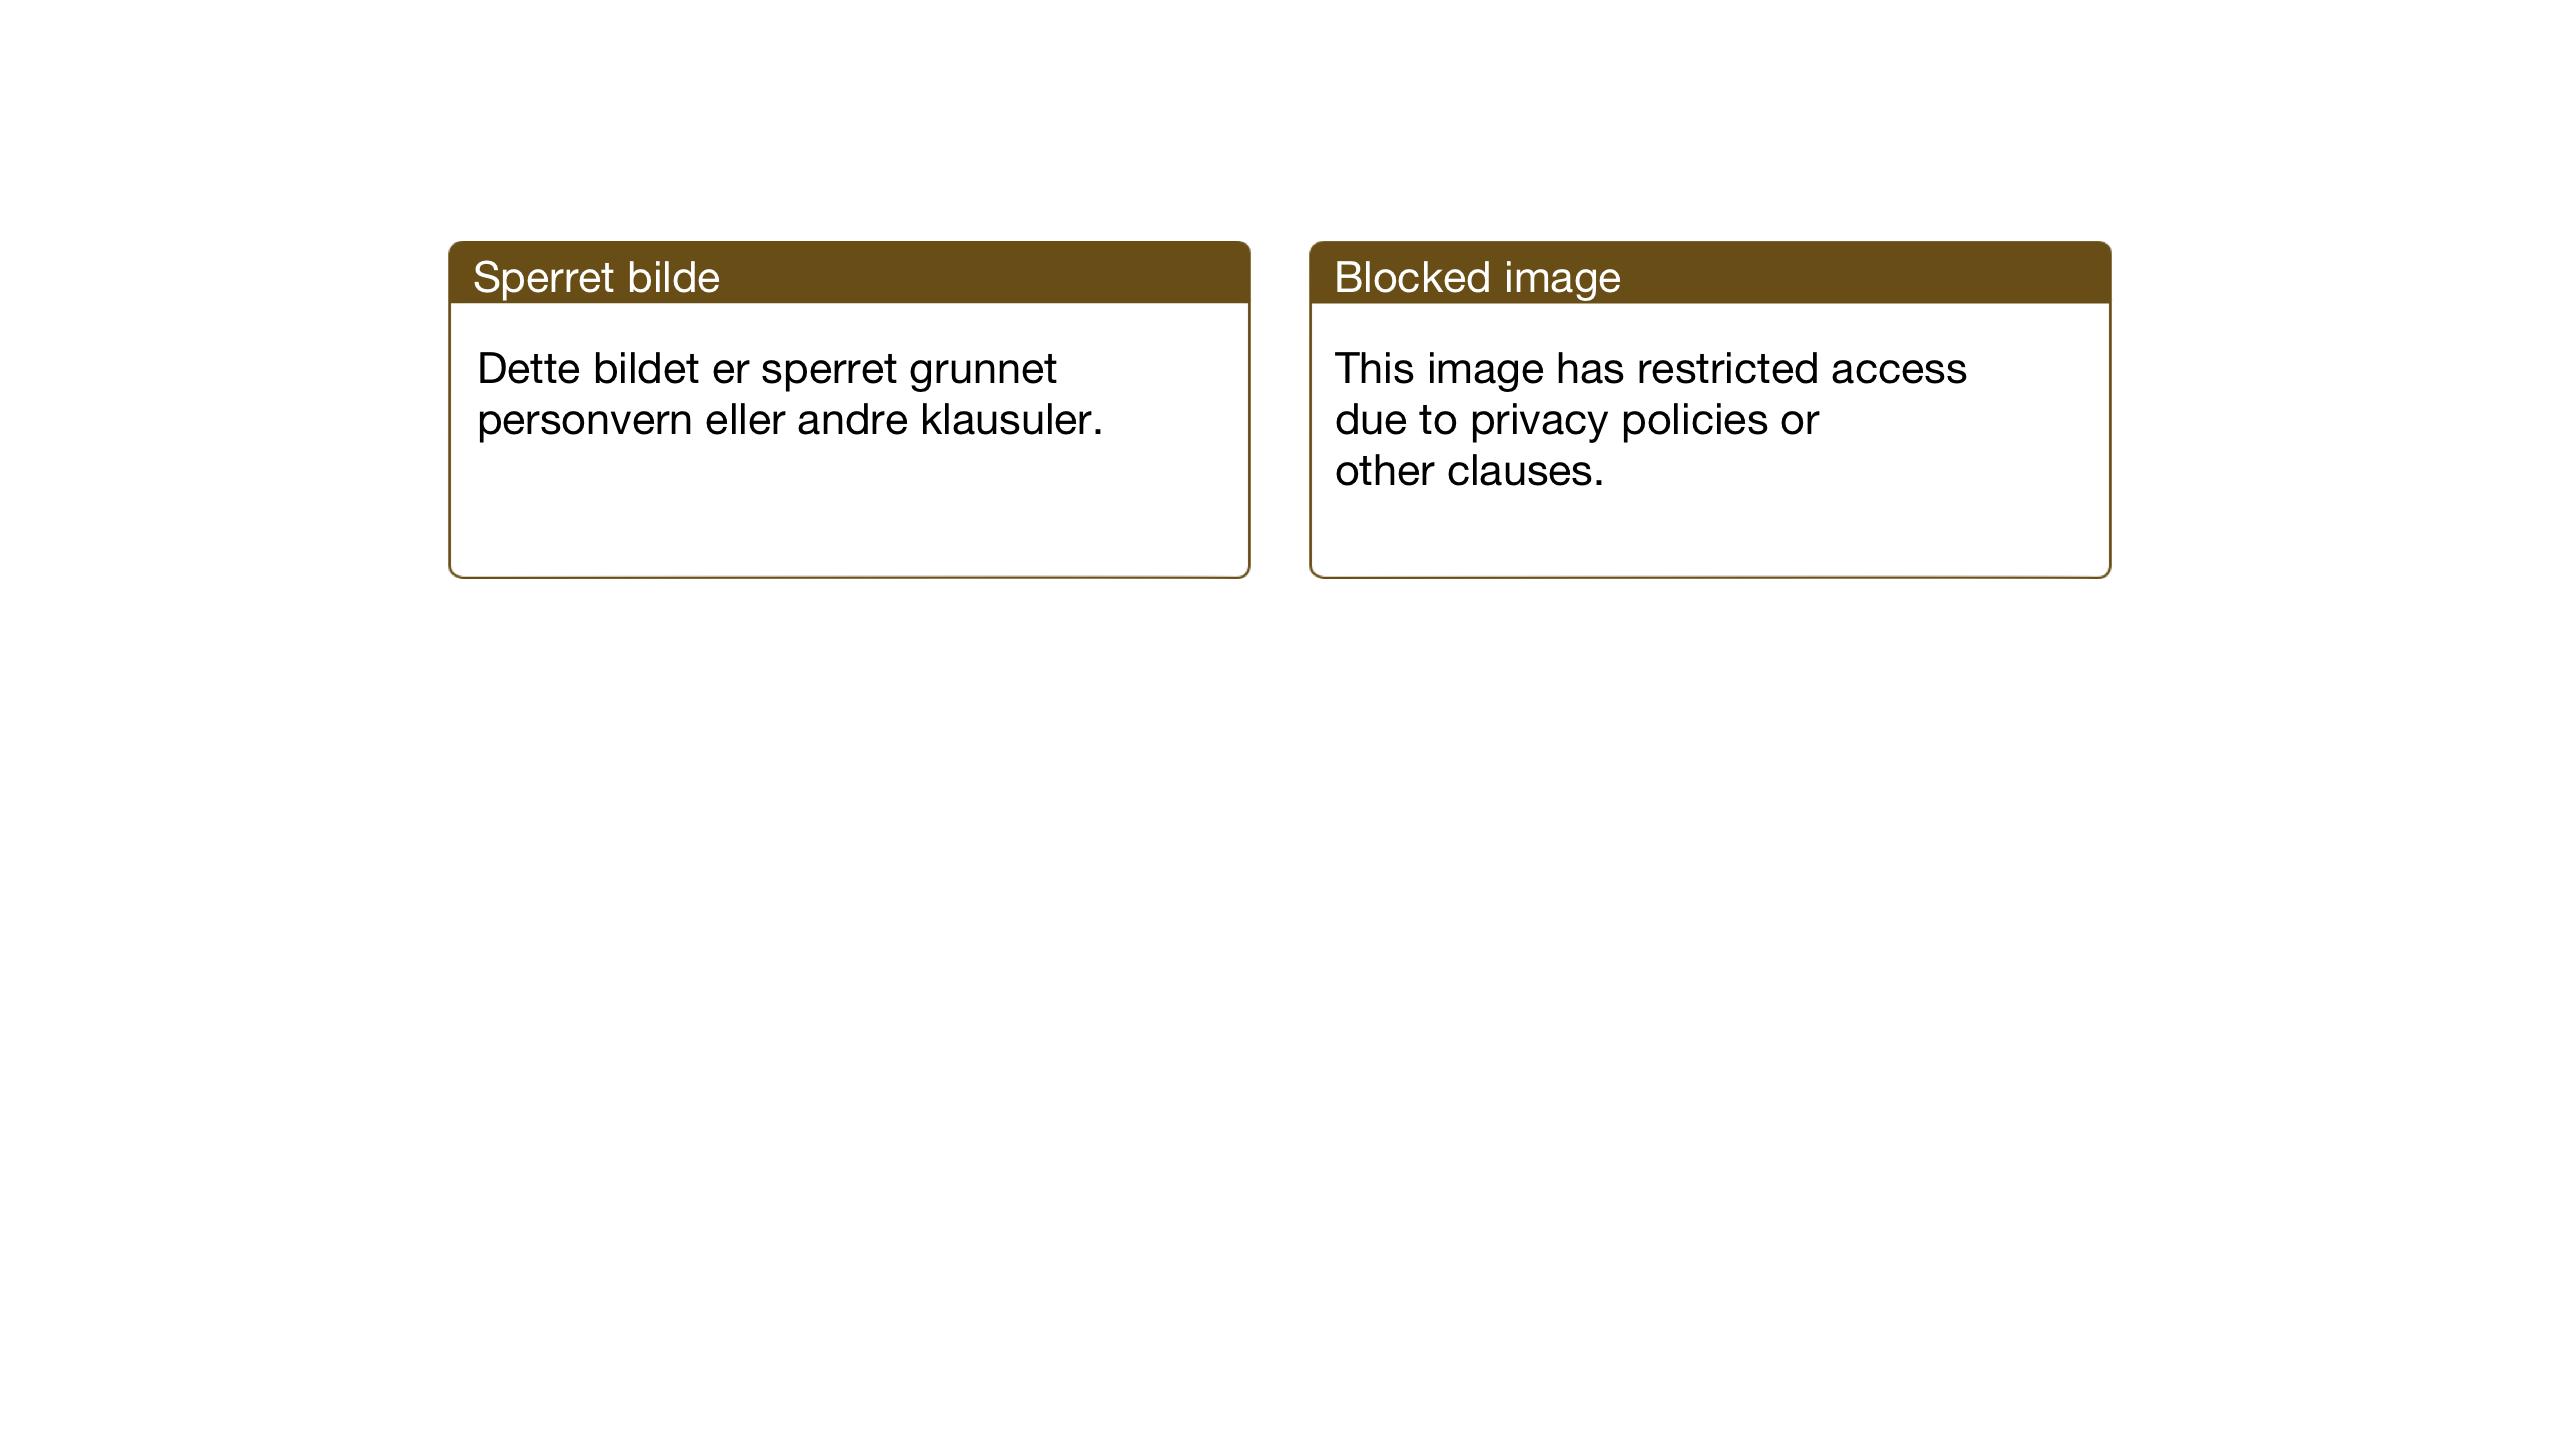 SAT, Ministerialprotokoller, klokkerbøker og fødselsregistre - Nord-Trøndelag, 744/L0425: Klokkerbok nr. 744C04, 1924-1947, s. 45